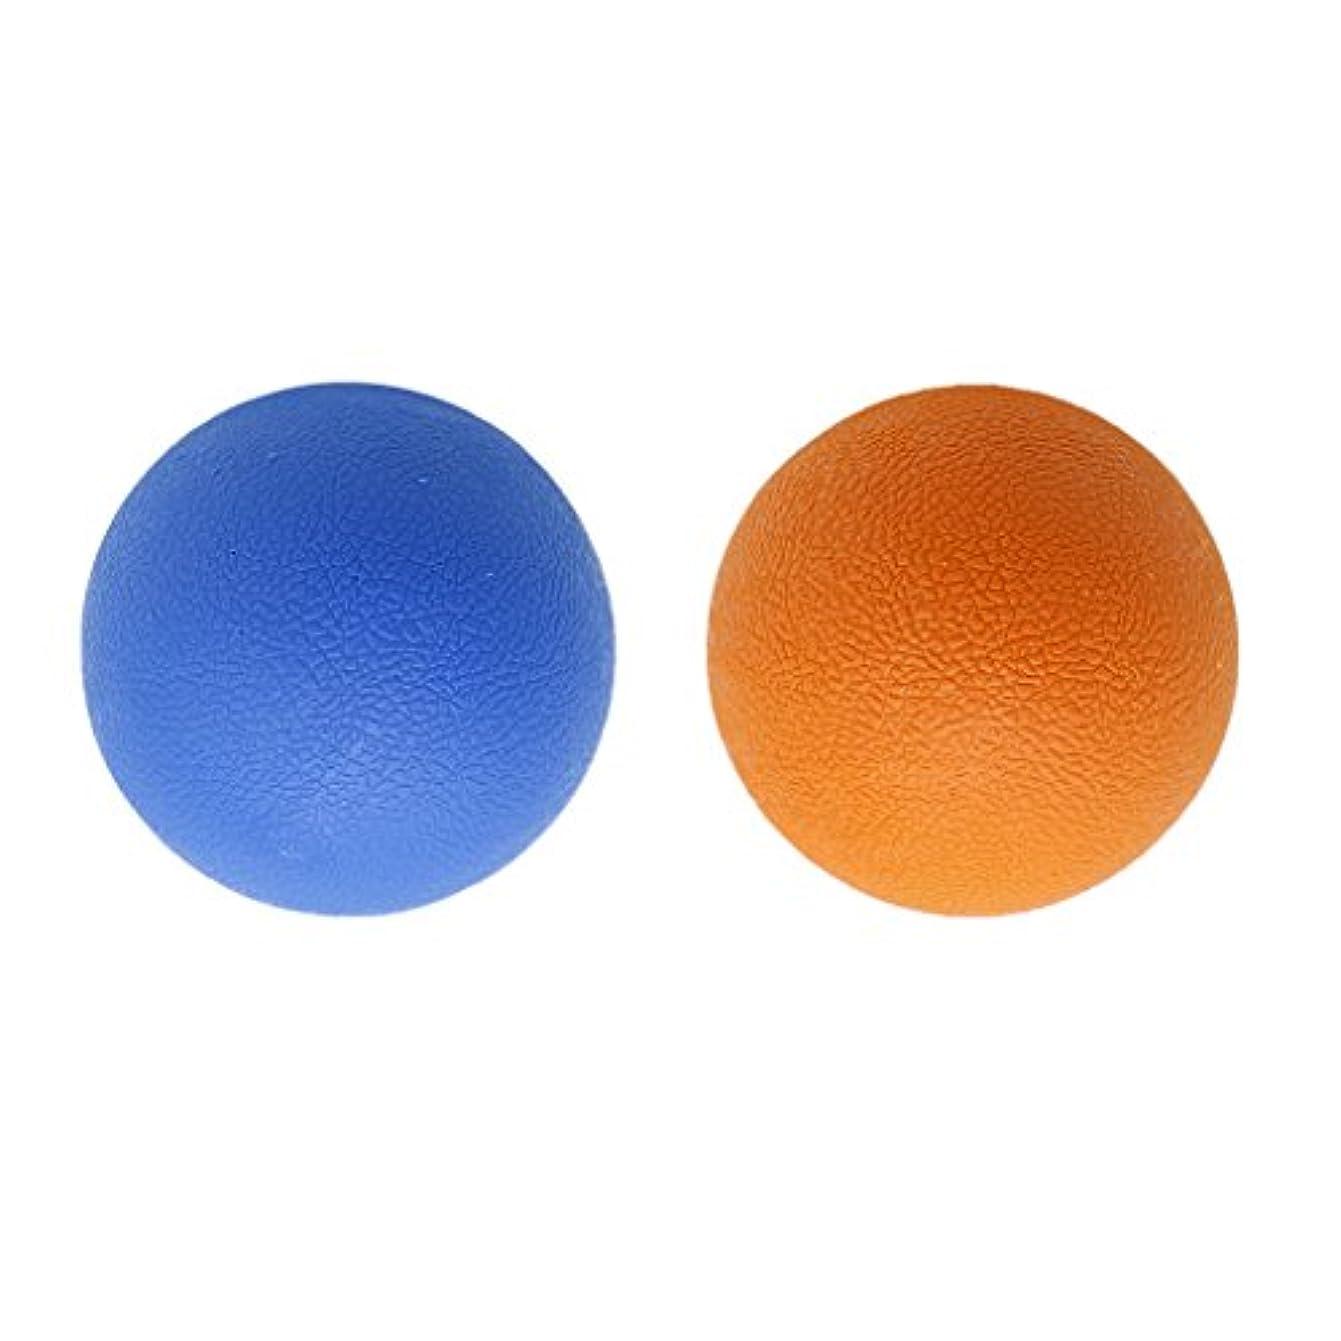 悲しい振り子無駄だマッサージボール トリガーポイント ラクロスボール 弾性TPE ストレッチボール 多色選べる - オレンジブルー